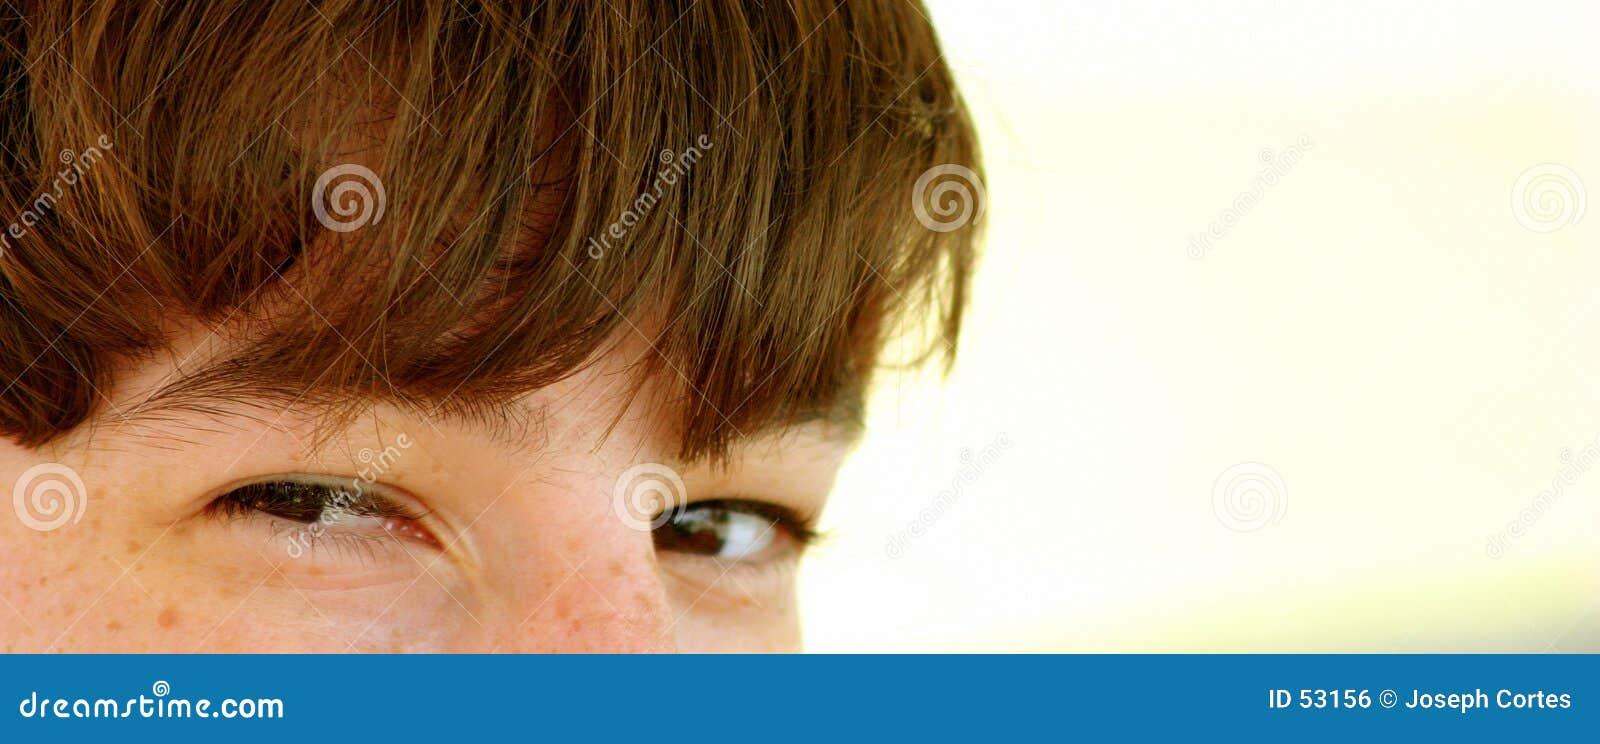 малыши глаз